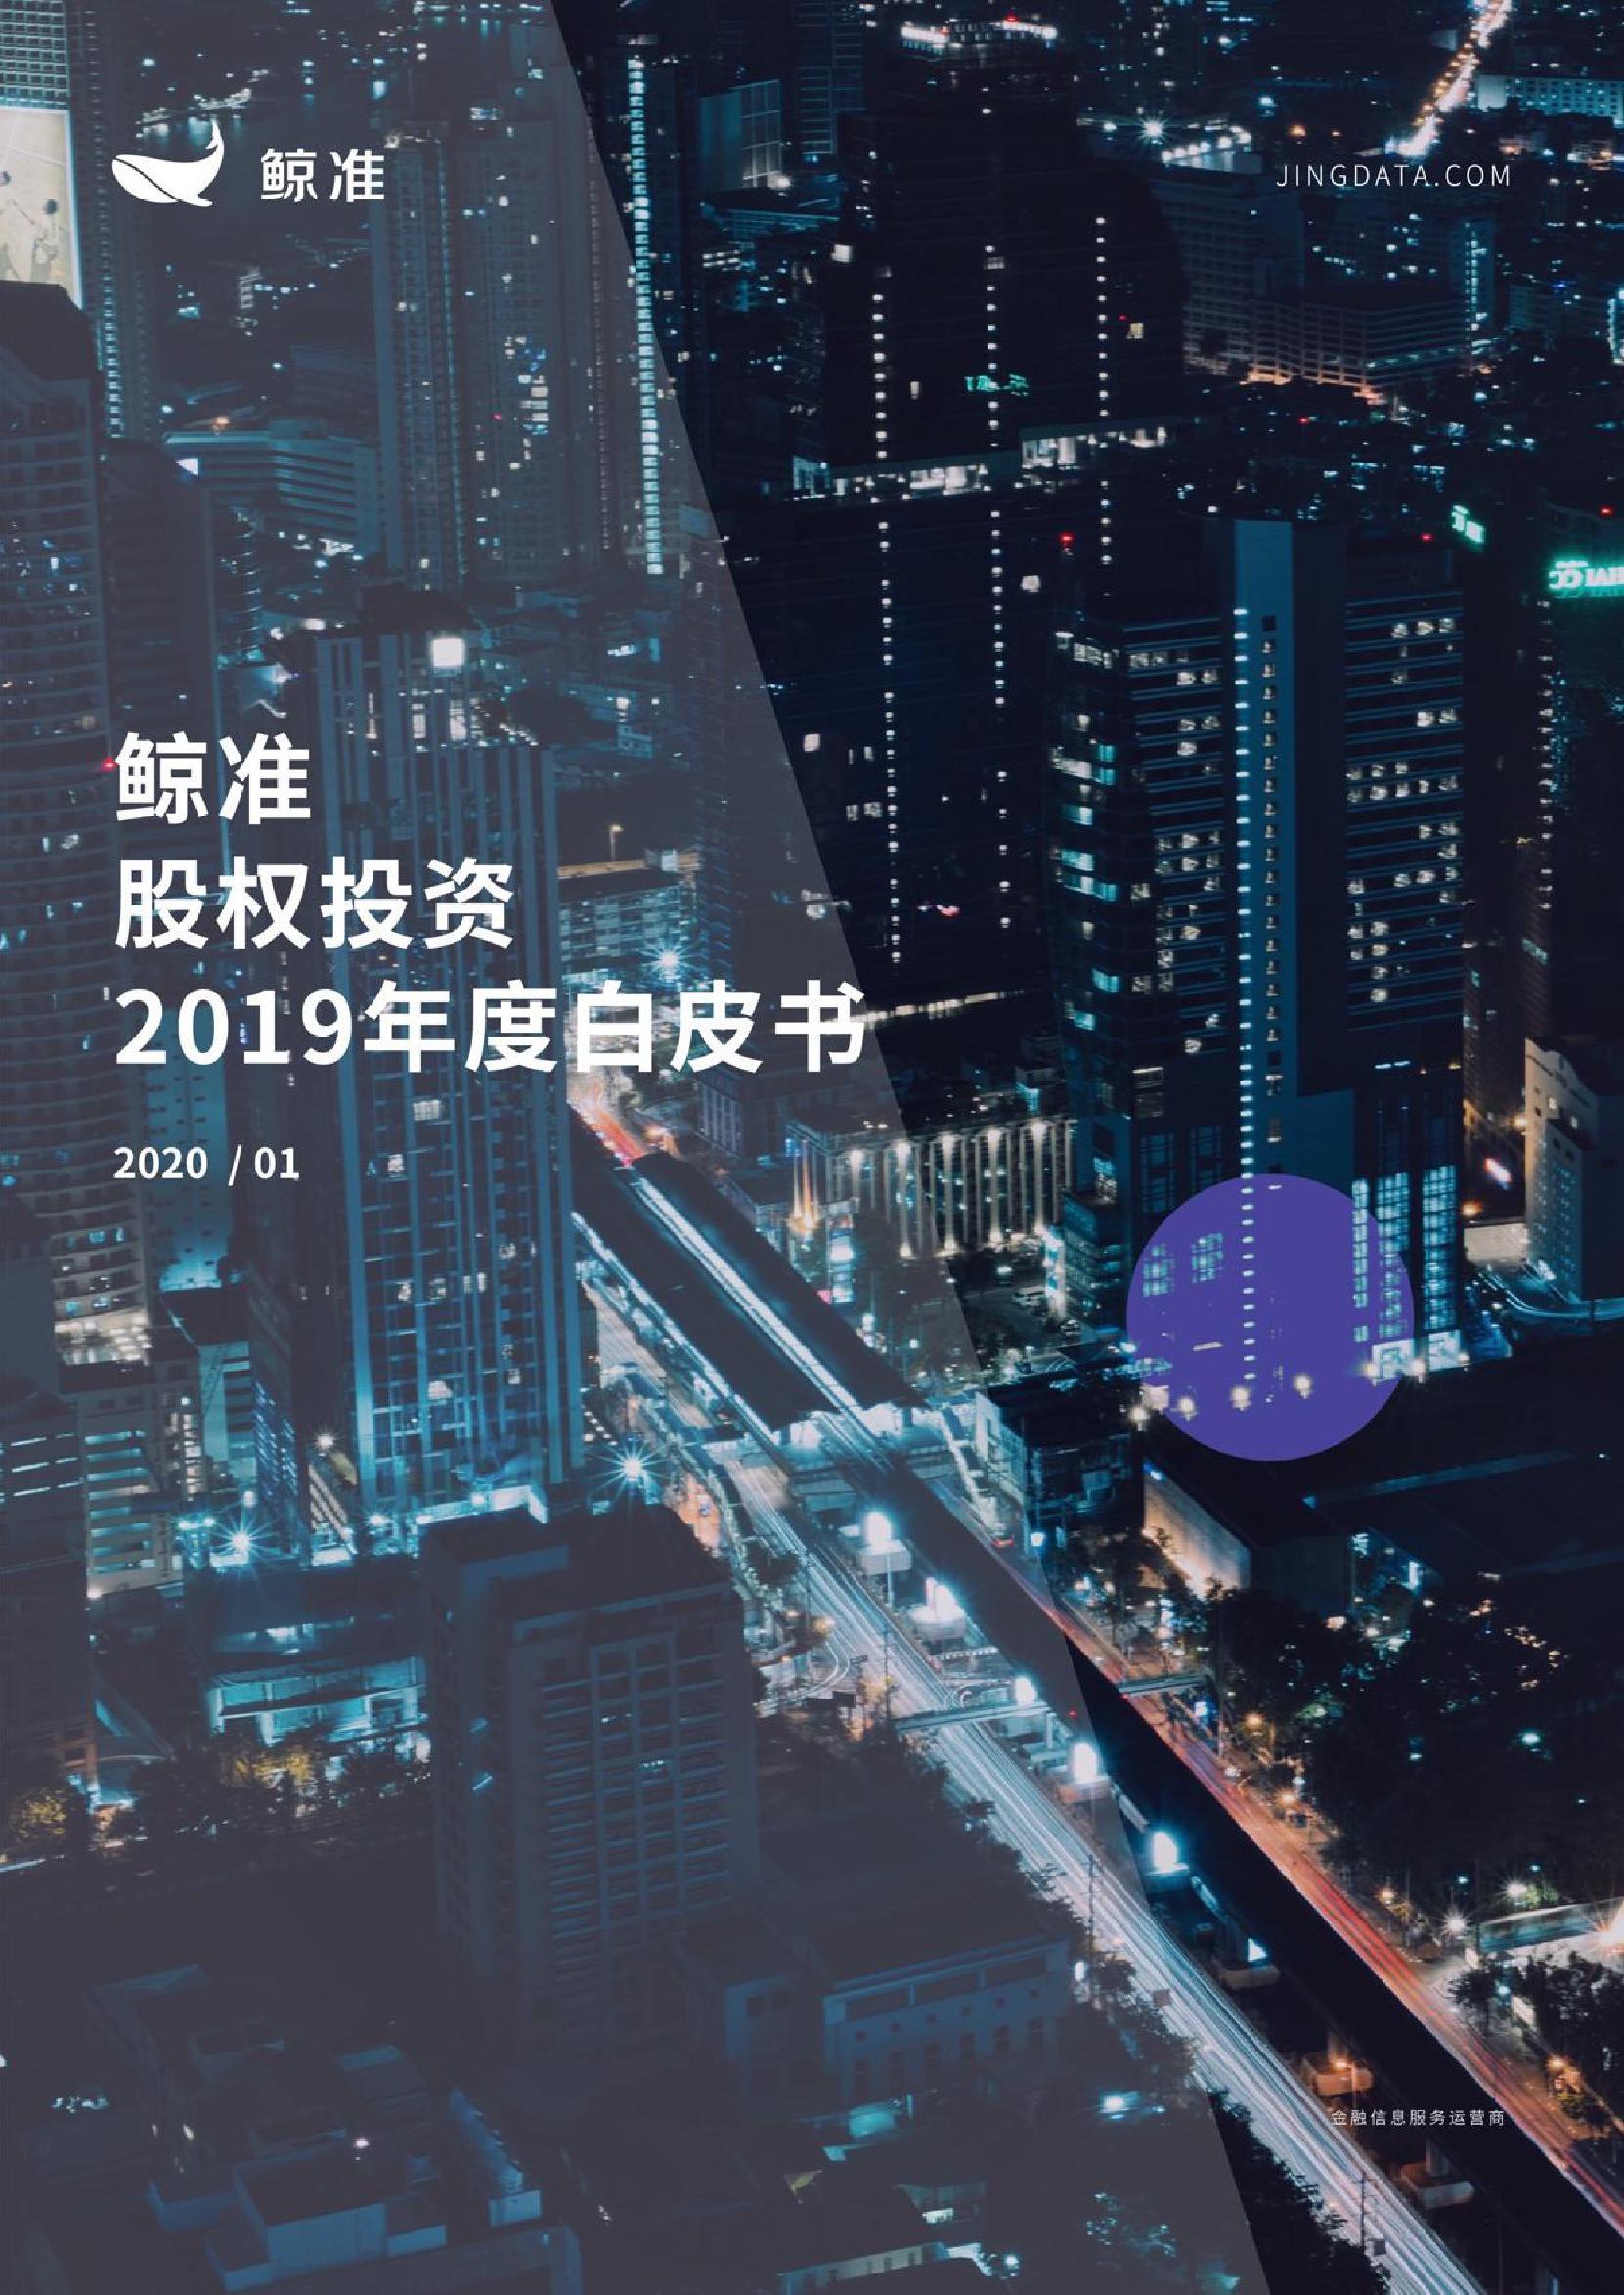 鲸准:2019年度股权投资白皮书(附下载)